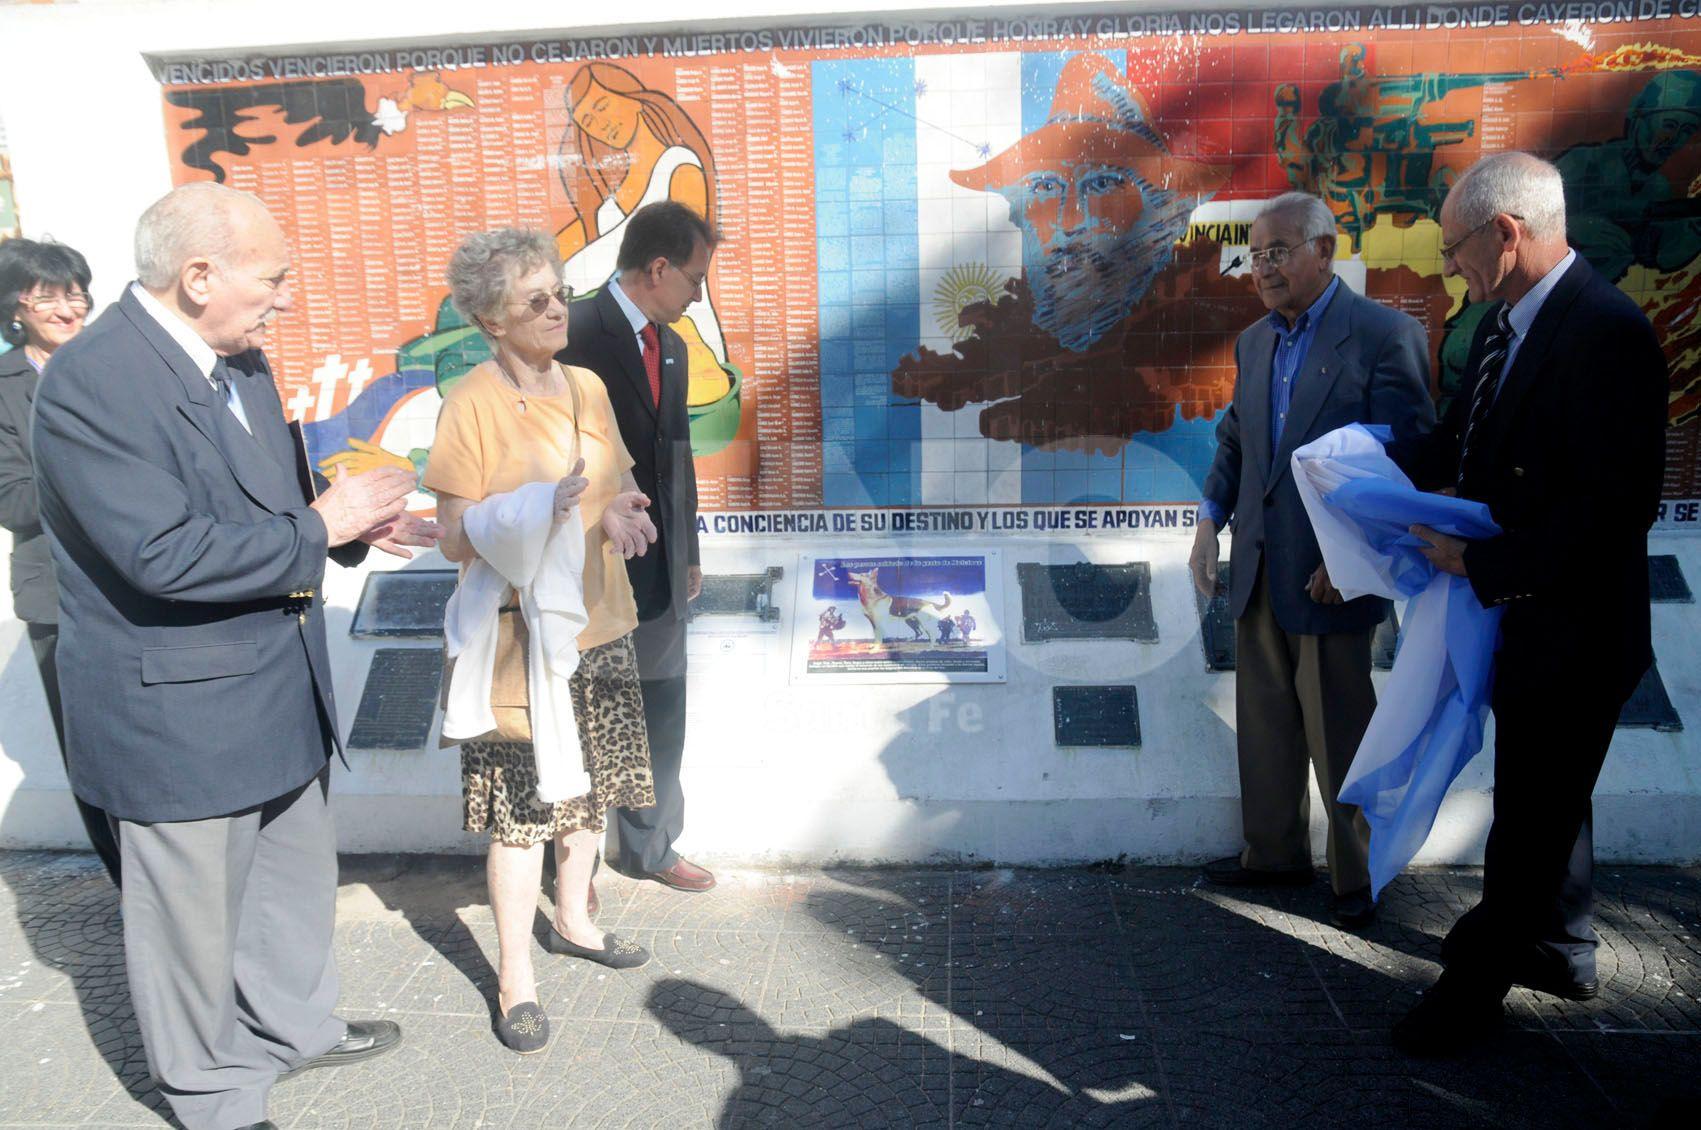 La Asociación Civil Plaza del Soldado durante la inauguración del pequeño mural.